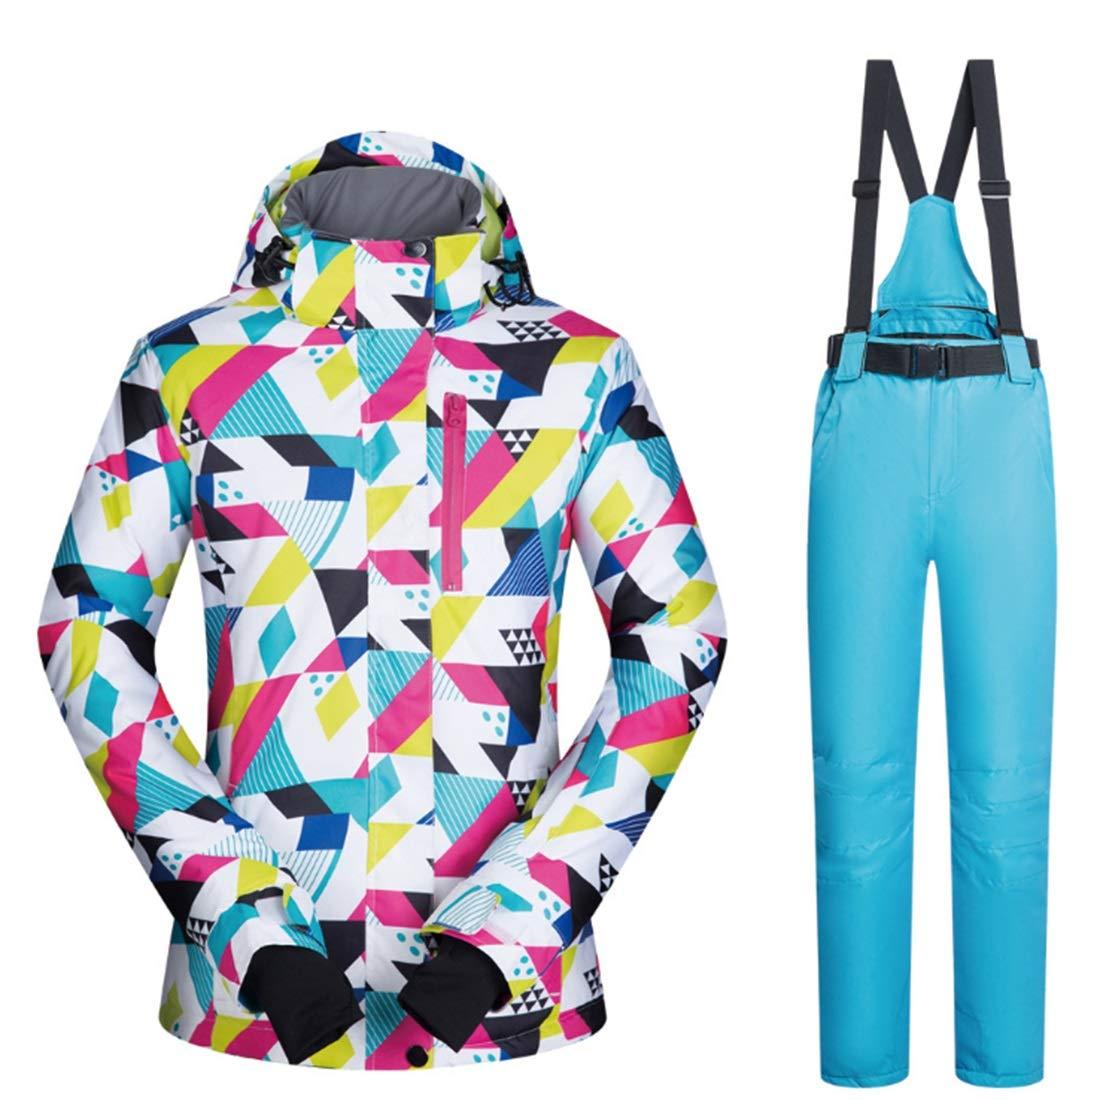 ALICESHOP ウィメンズジャケットウインターガールコートアウトドアスポーツドレススキージャケット防風&防水(s-xl) (色 : 04, サイズ : XL)  X-Large